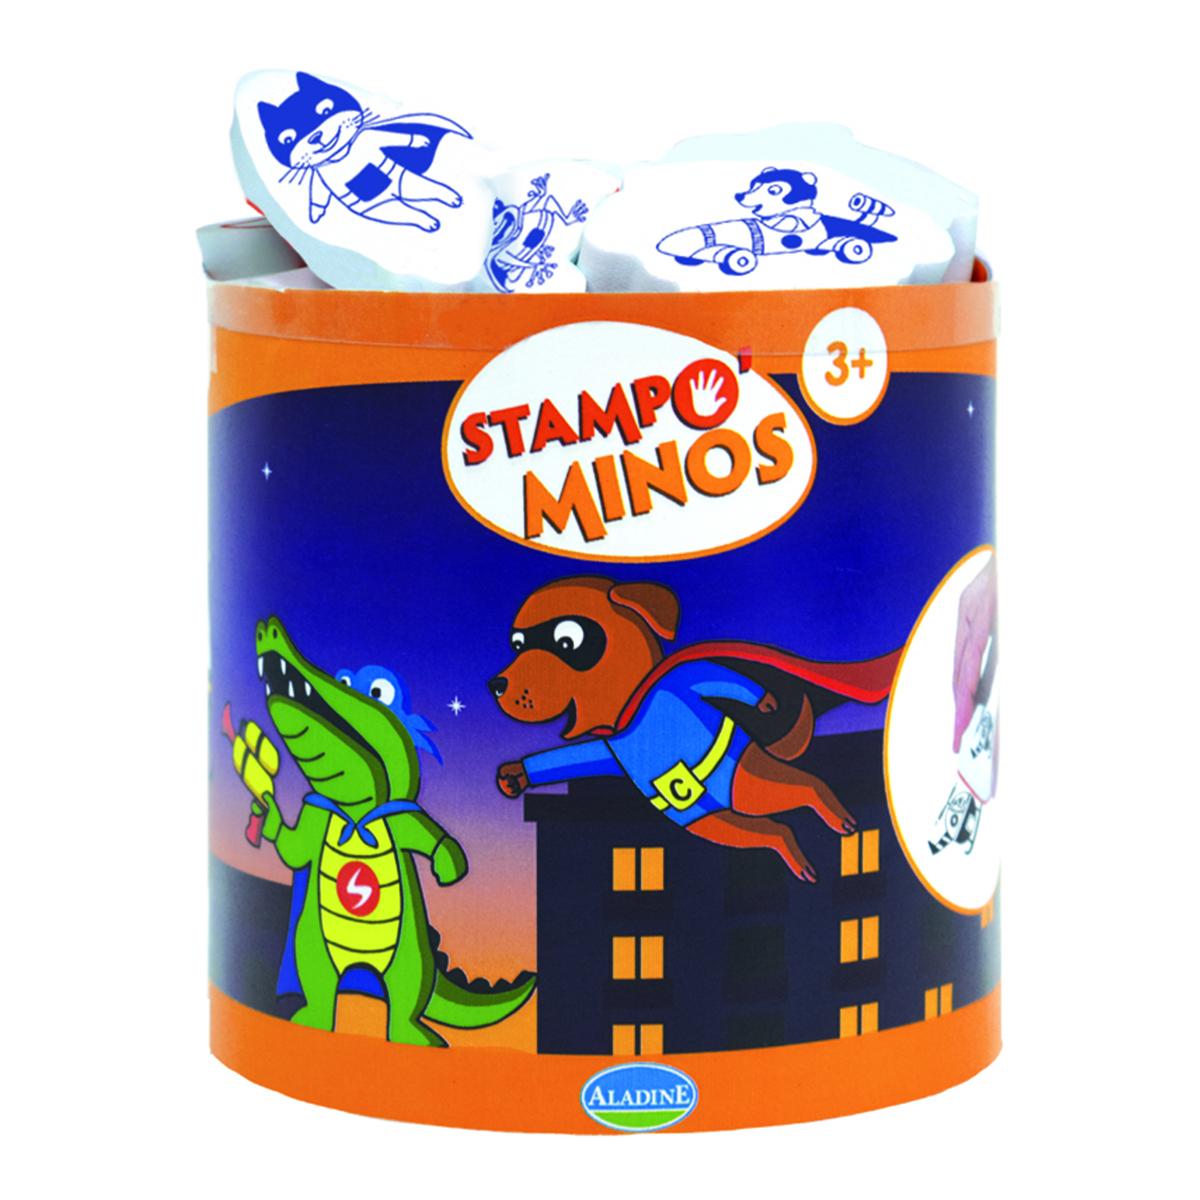 Stampo Minos Heros - Aladine